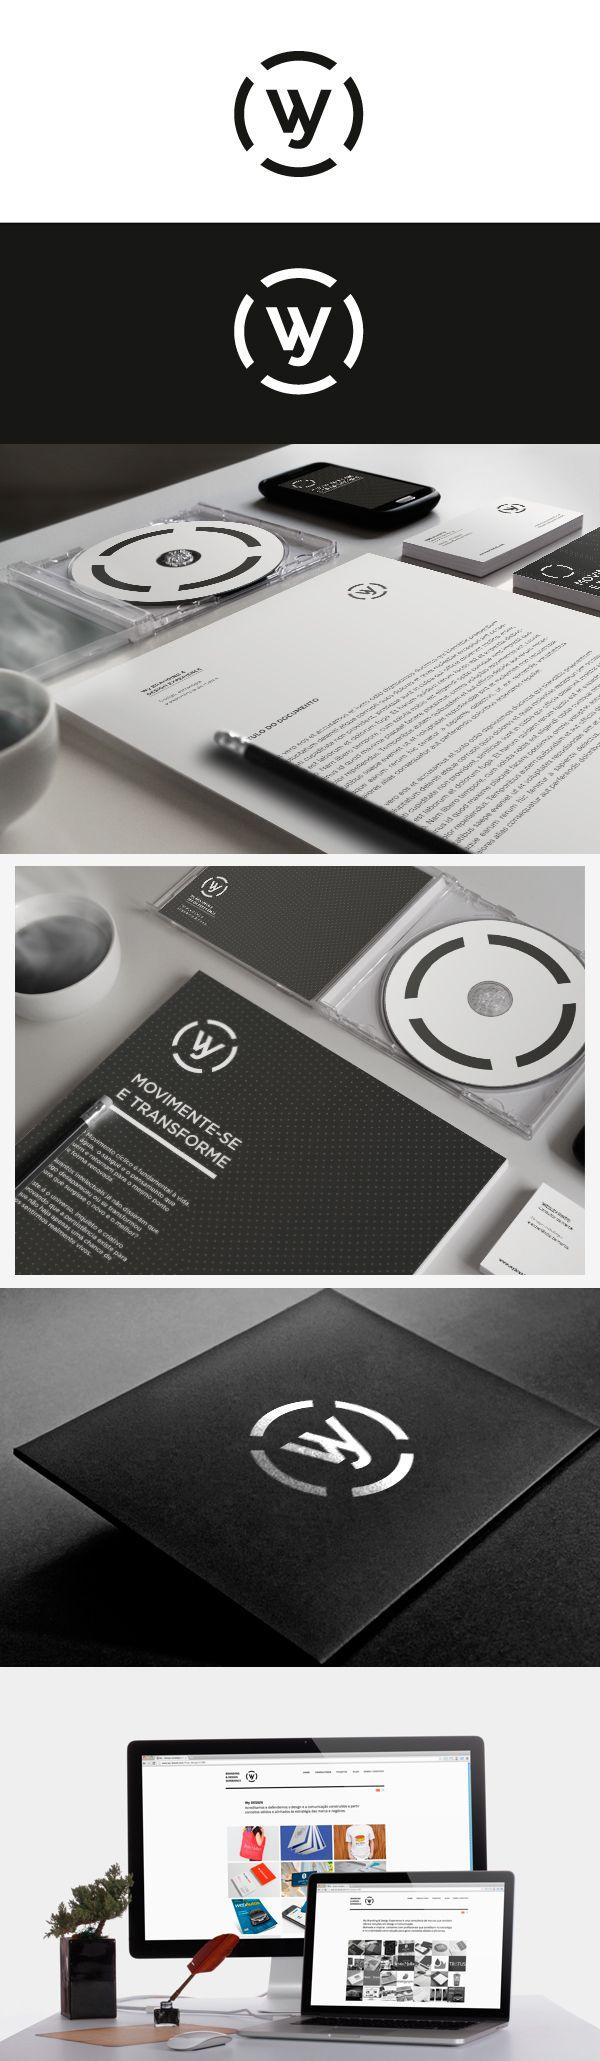 identity / wesley   #stationary #corporate #design #corporatedesign #identity #branding #marketing < repinned by www.BlickeDeeler.de   Take a look at www.LogoGestaltung-Hamburg.de